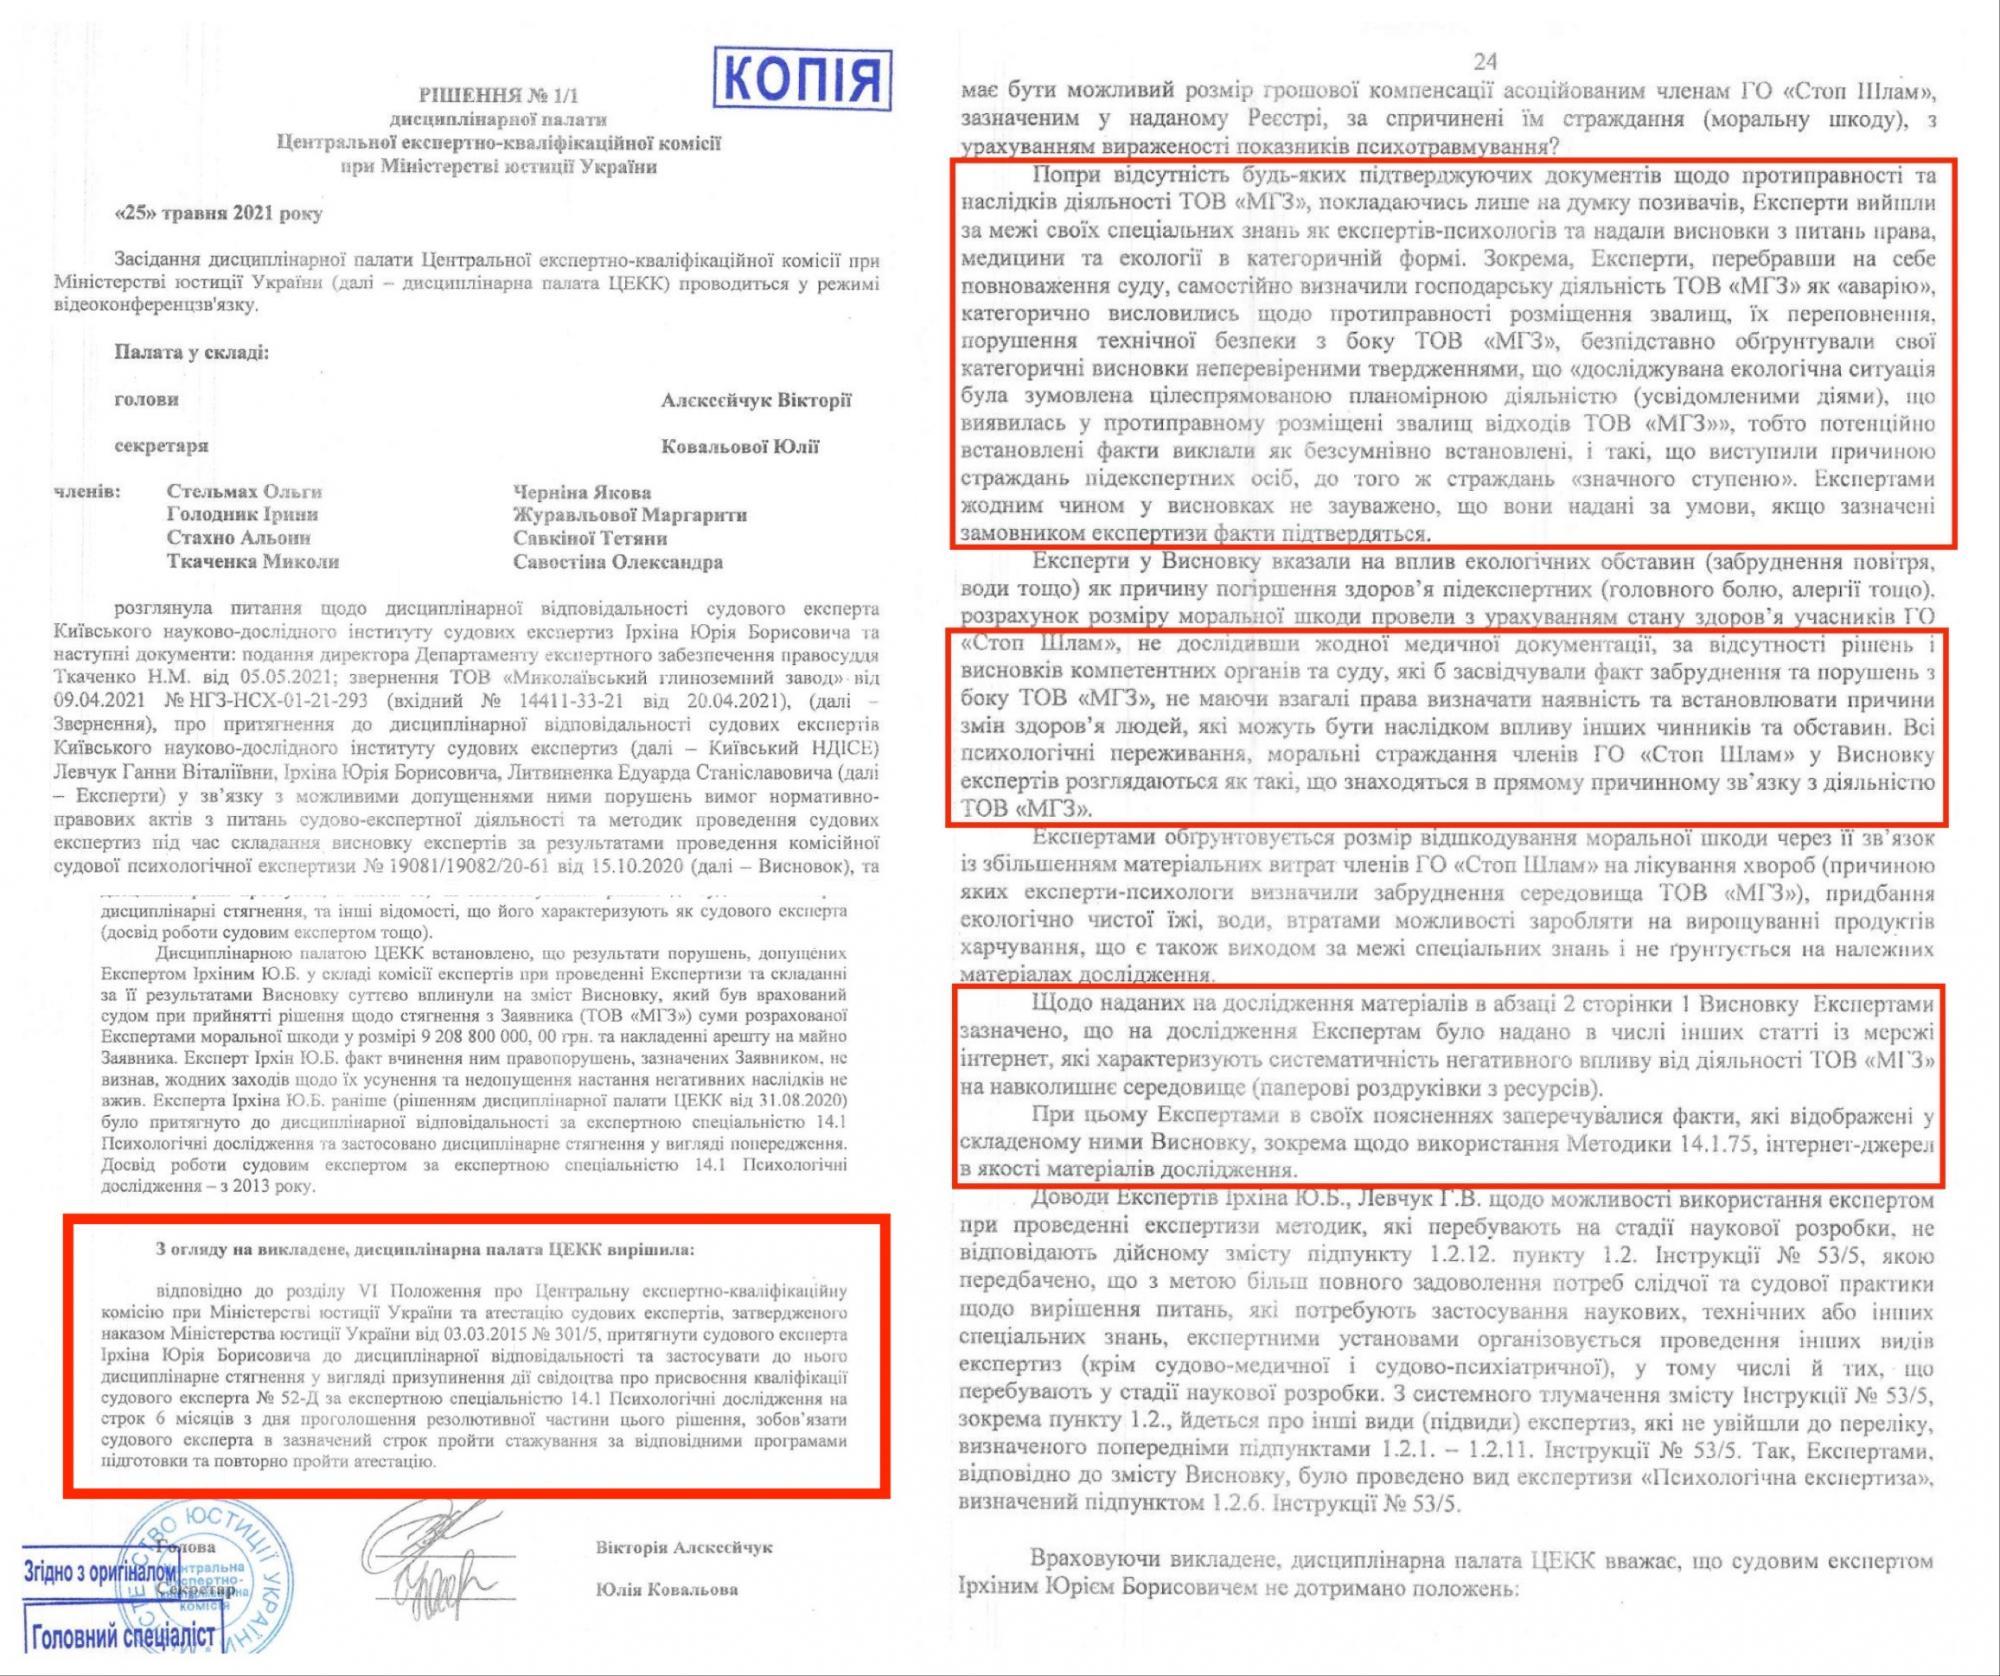 Эксперты при определении морального вреда от НГЗ в 9,2 млрд грн вышли за пределы полномочий, - Минюст